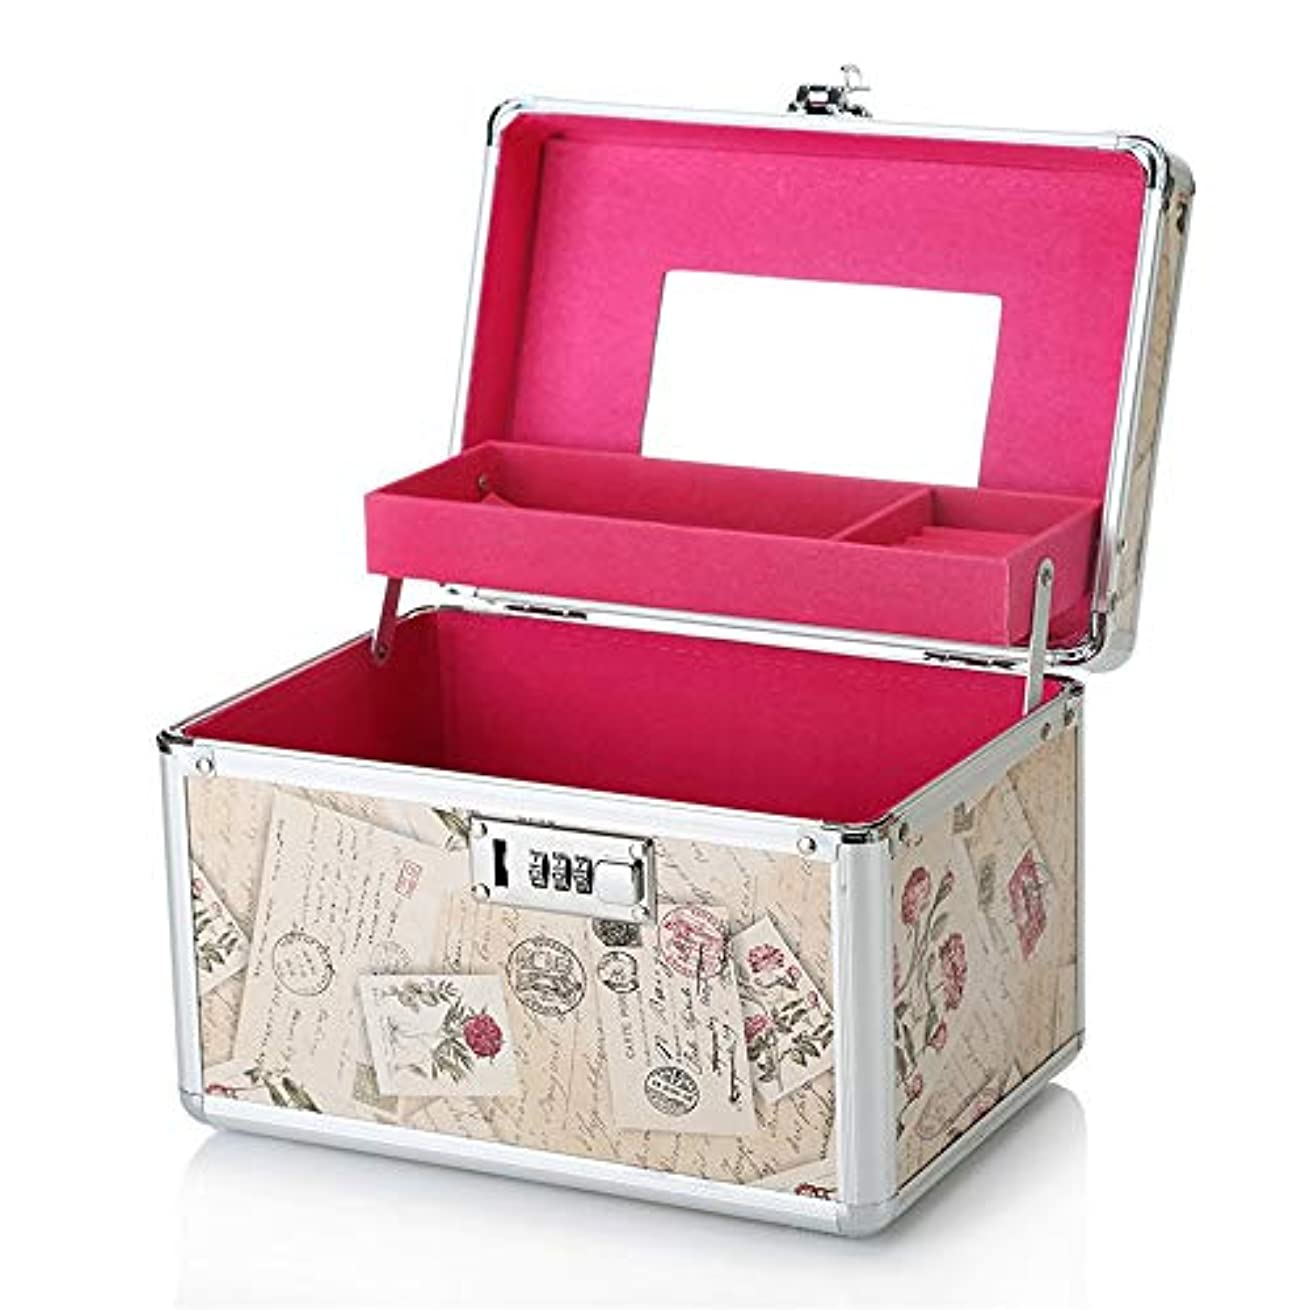 インタフェース危険にさらされている小間化粧オーガナイザーバッグ 旅行のメイクアップバッグメイク化粧品バッグトイレタリー化粧ケース 化粧品ケース